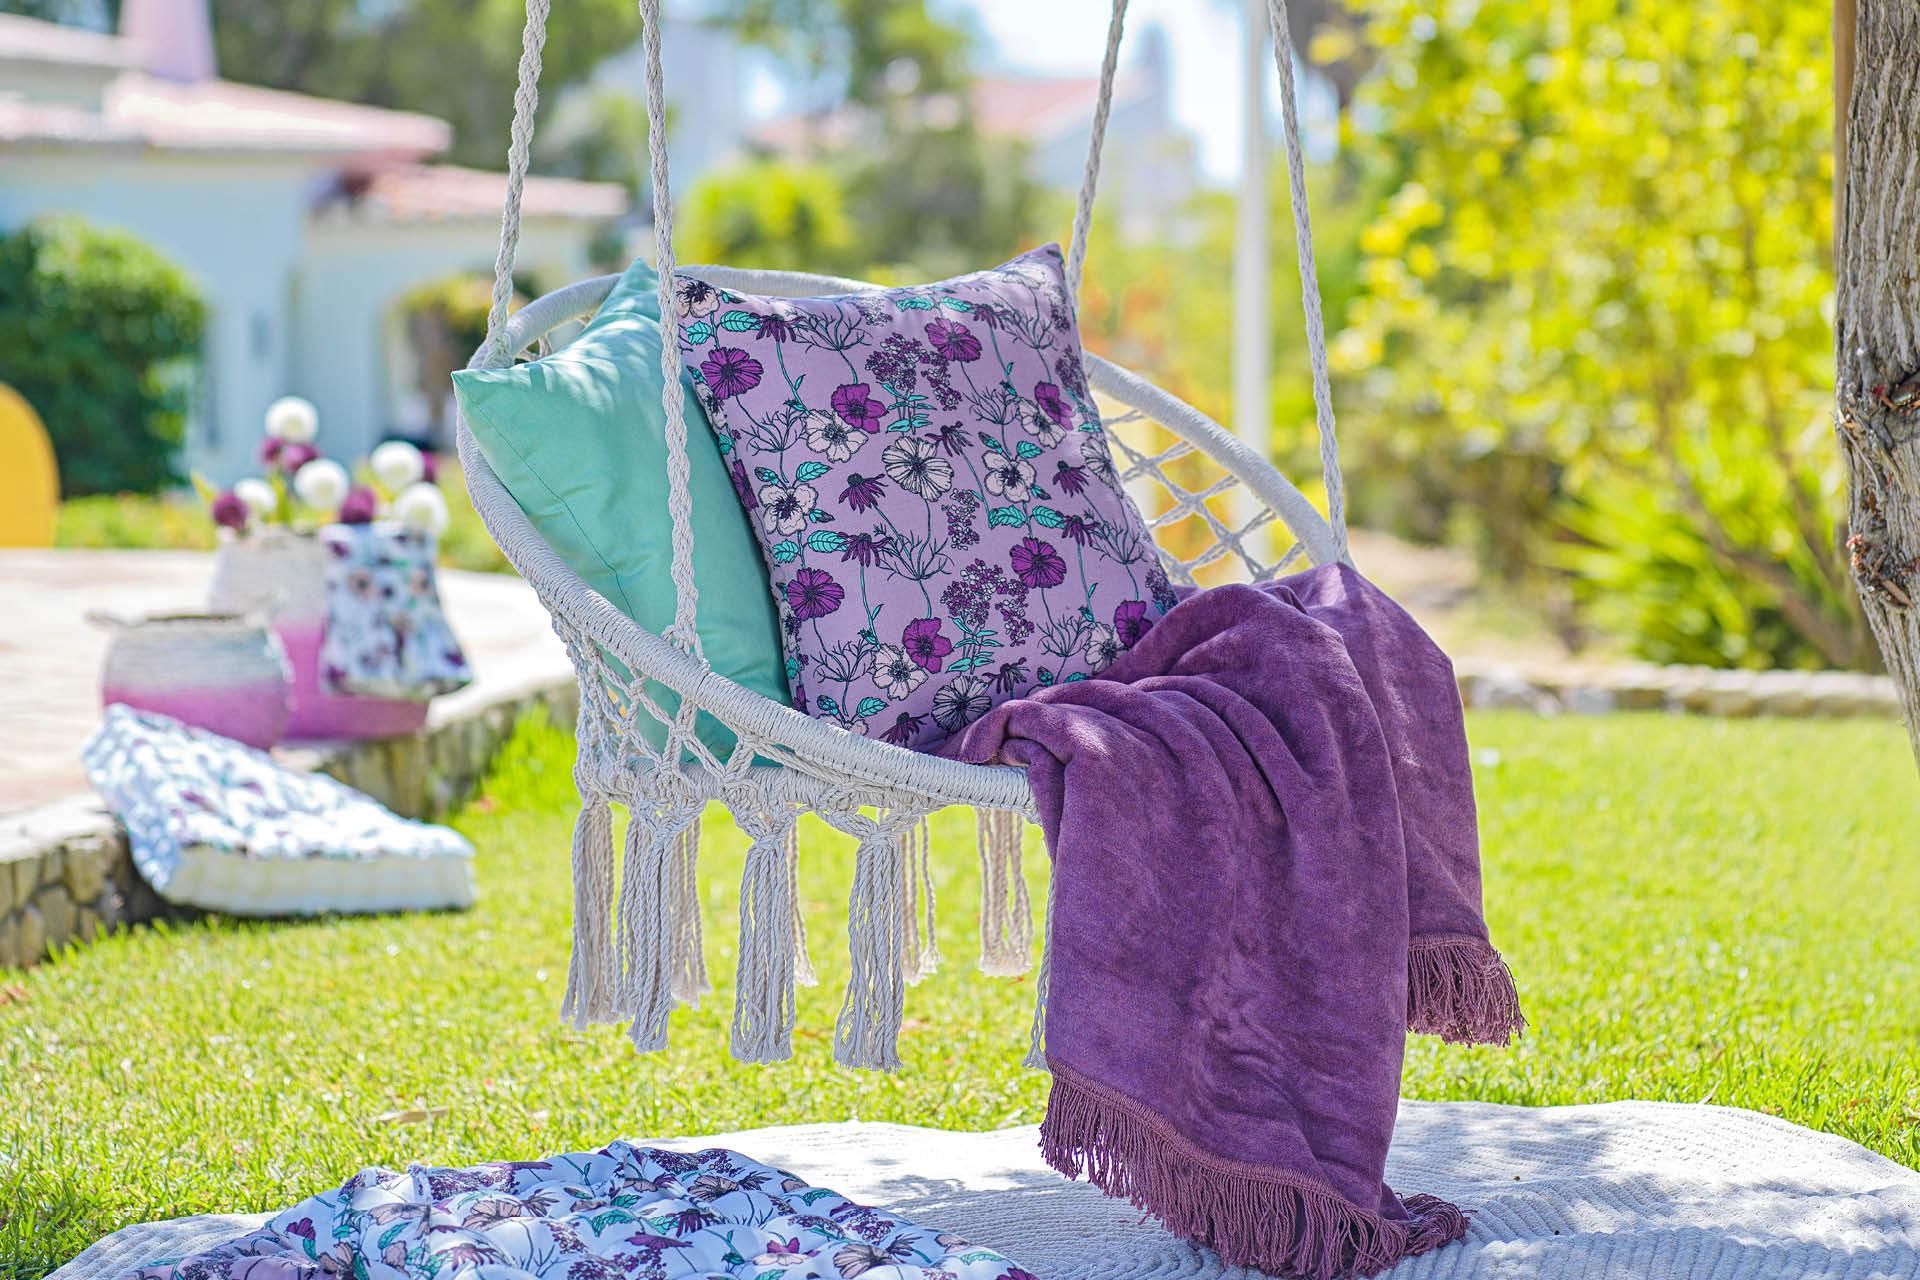 Divatos kerti garnitúrák nagy választékban Mömax kiváló